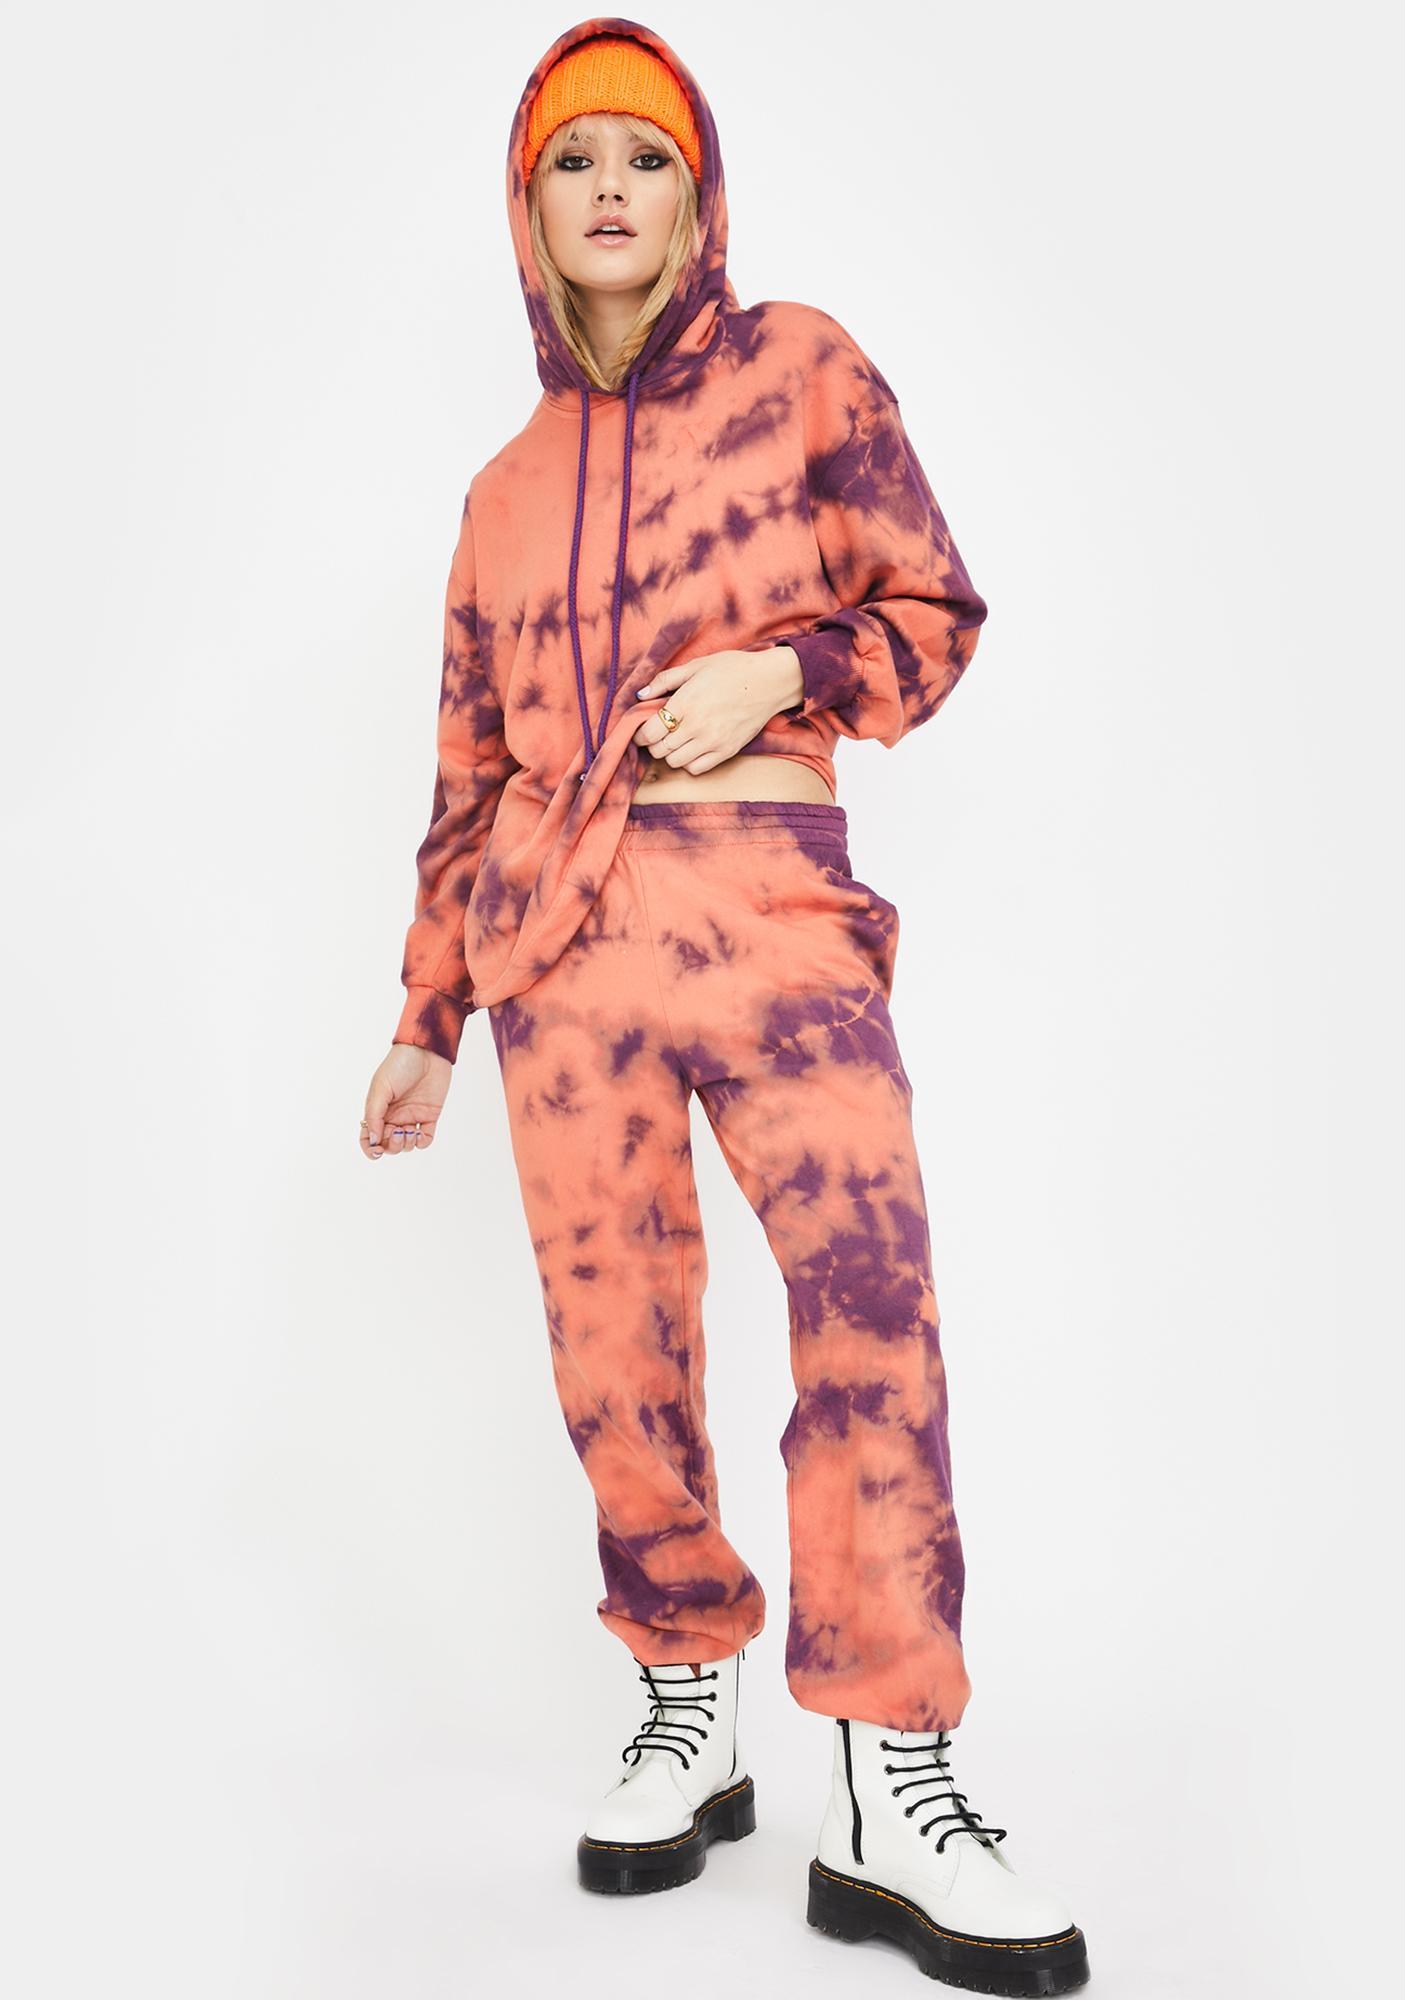 Kiki Riki 100 Percent Chill Tie Dye Set